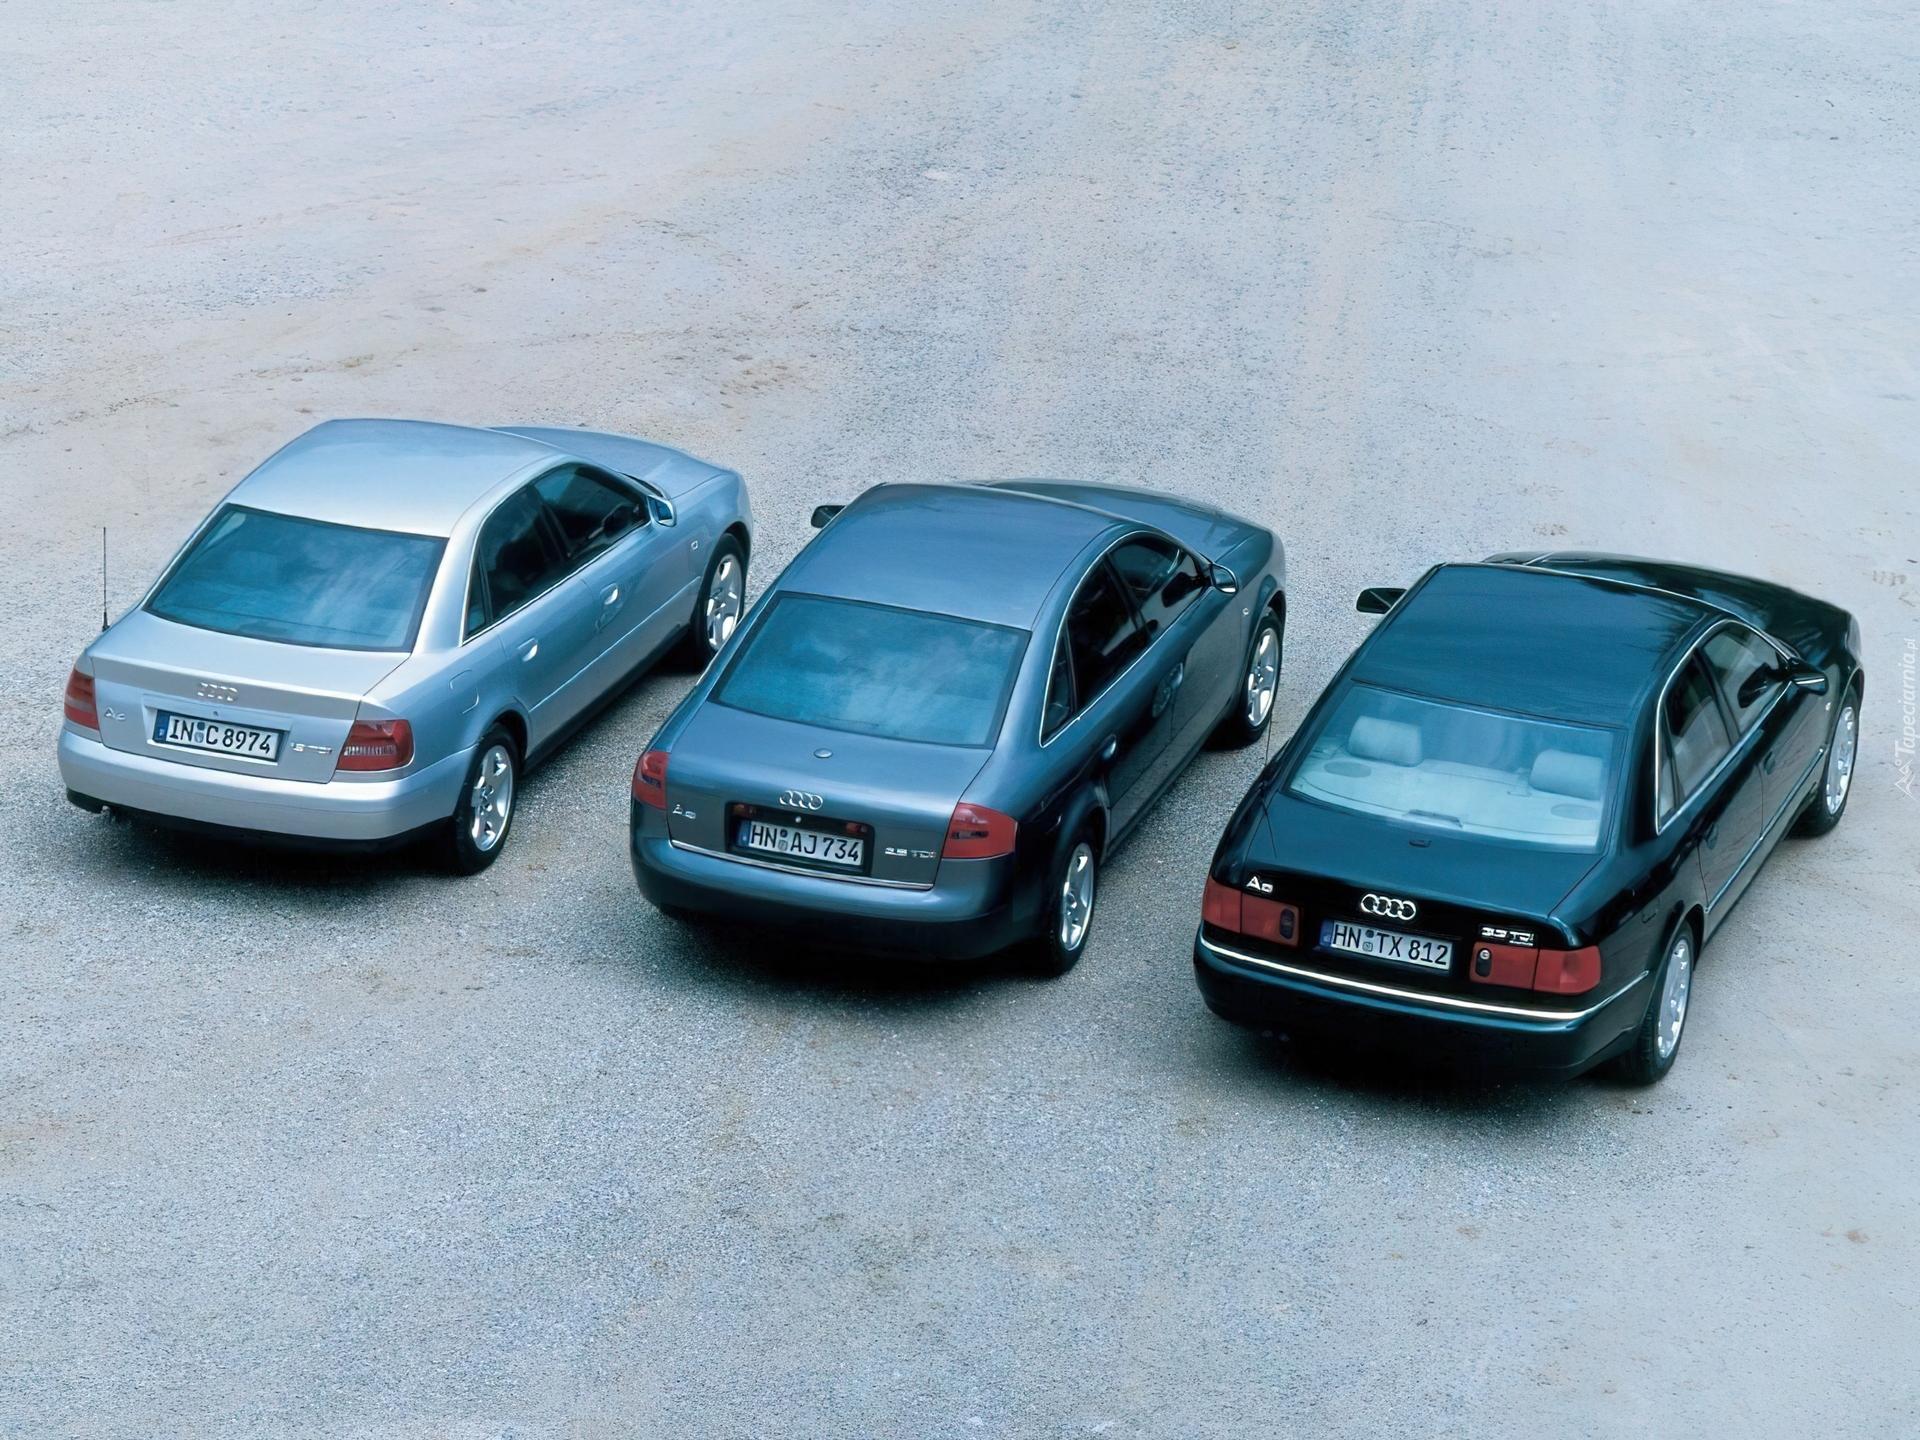 Audi A4 B5 Audi A6 C5 Audi A8 D2